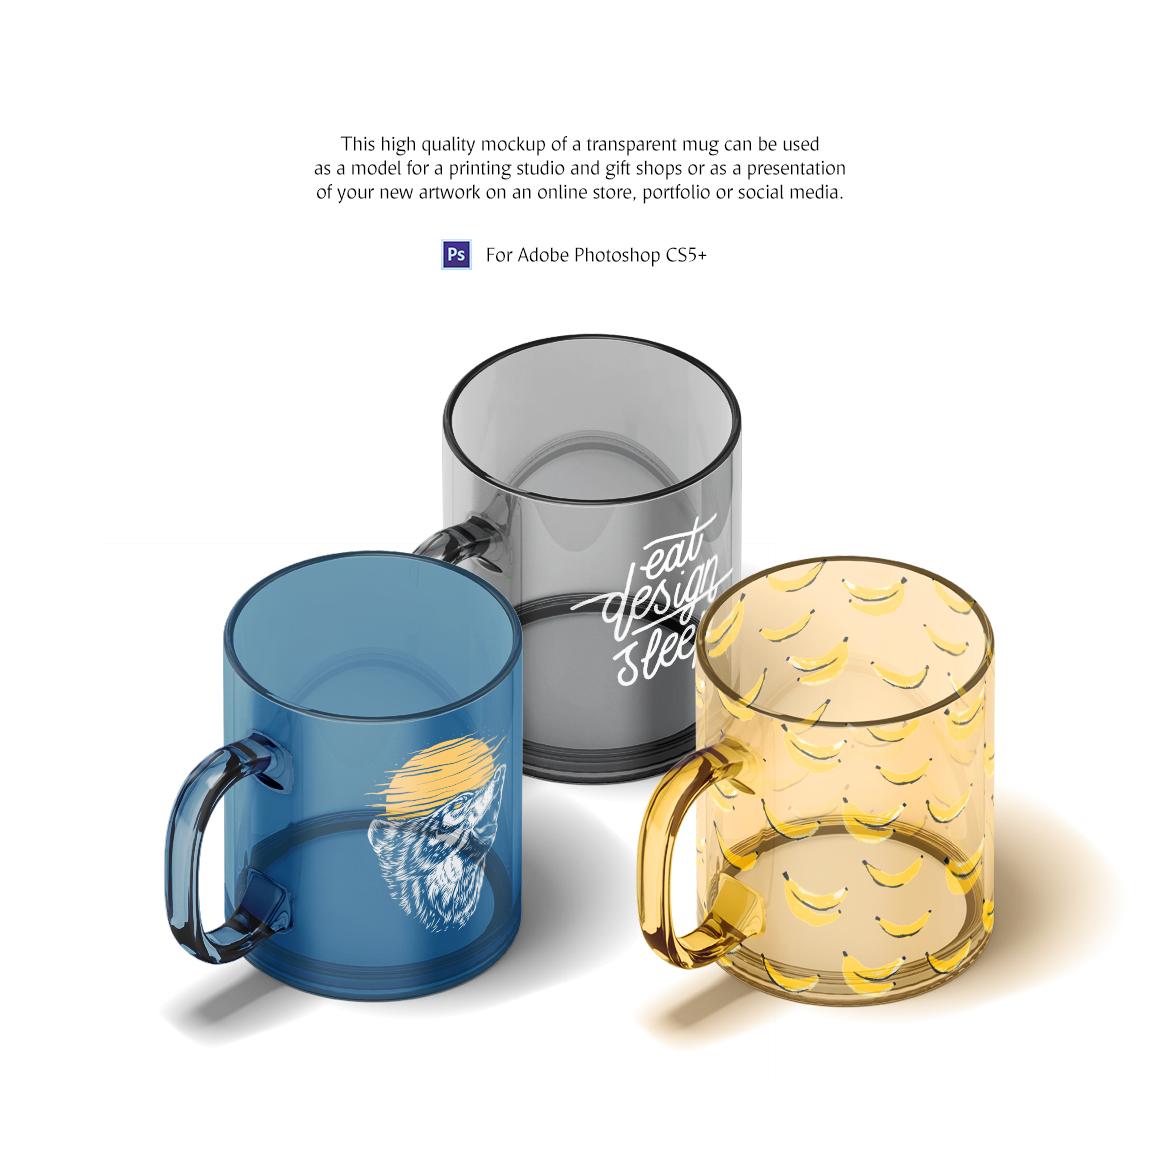 New Glass Mug Animated Product Mockups